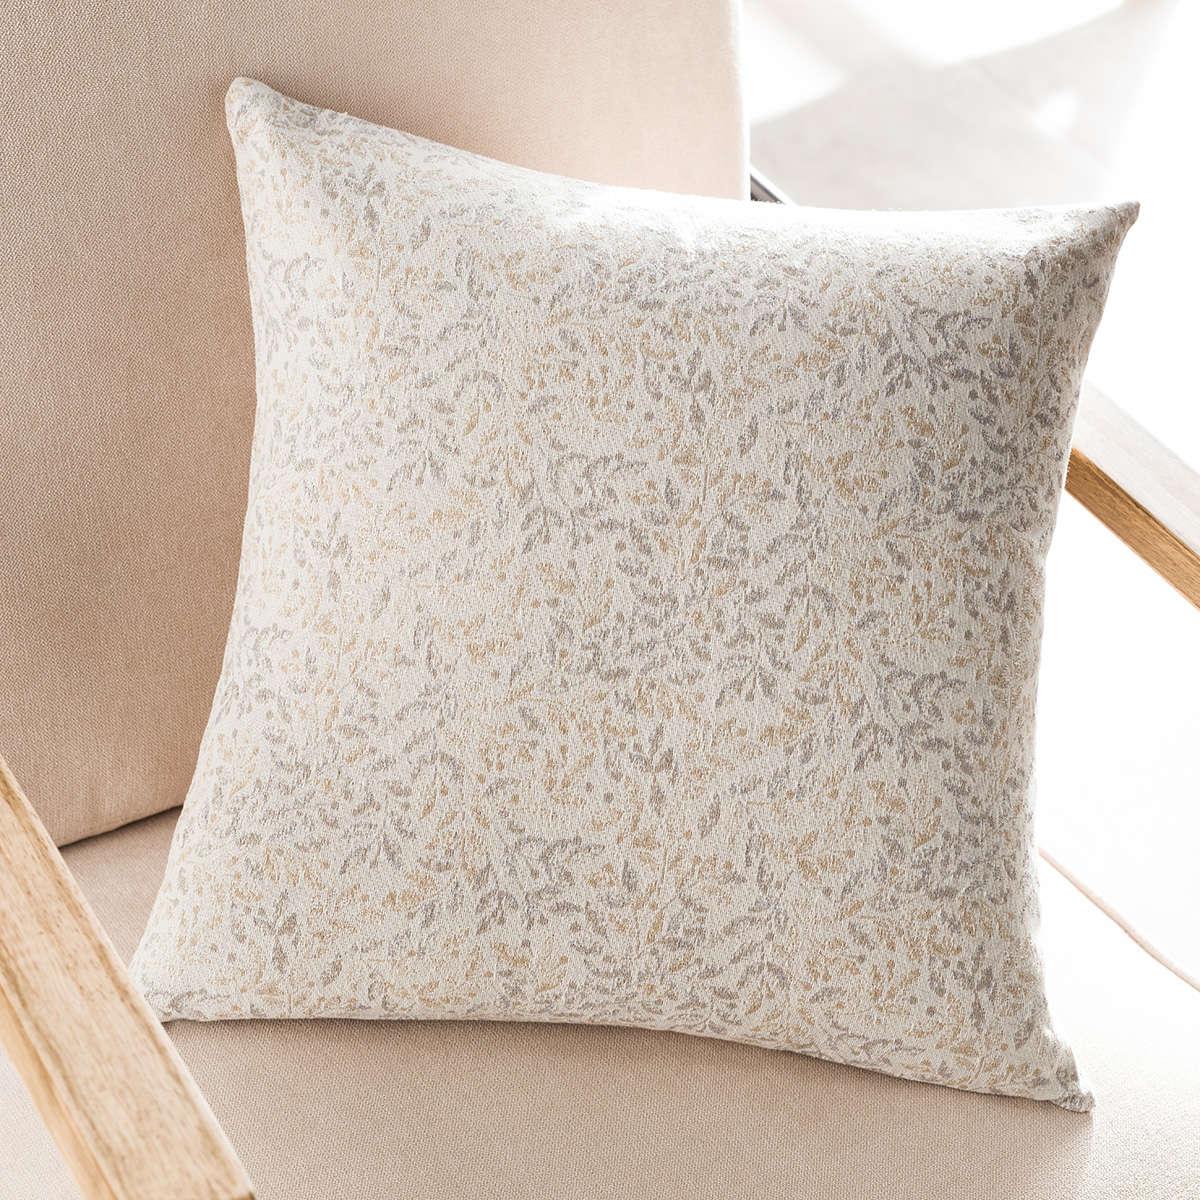 Μαξιλαροθήκη Διακοσμητική Delicate Coord Grey 904B/15 Gofis Home 50X50 Βαμβάκι-Polyester